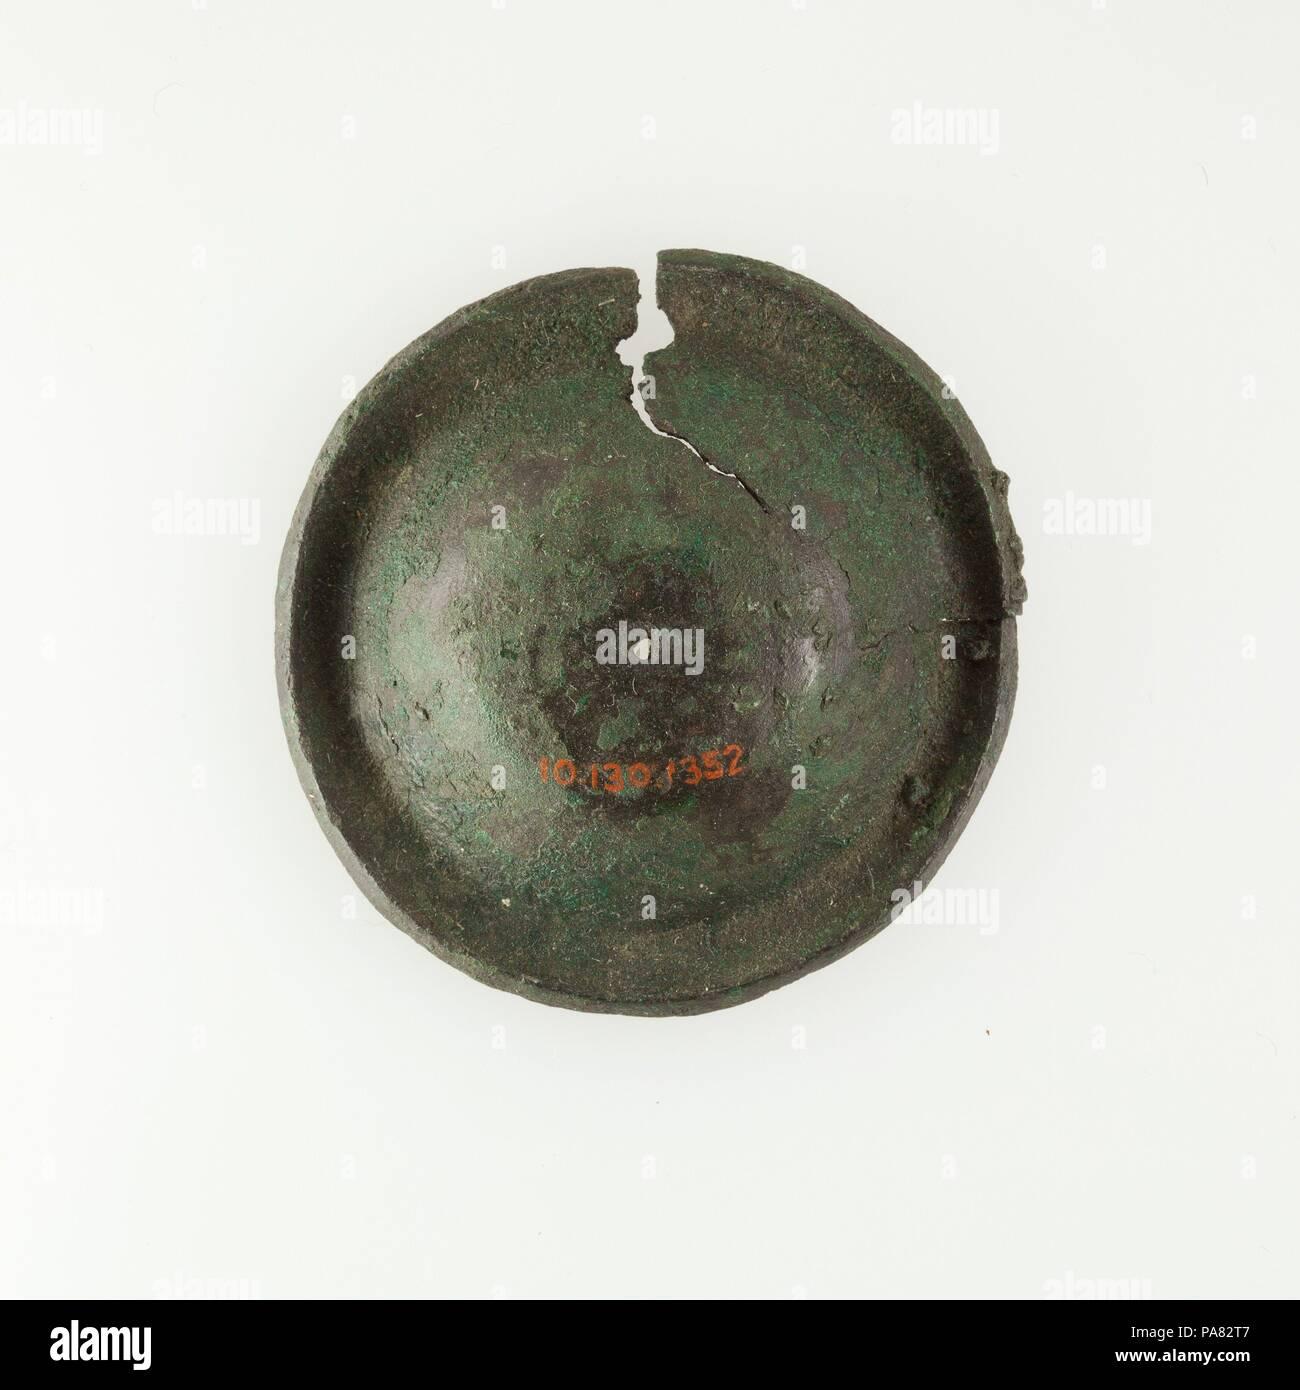 2 Zoll Durchmesser  5 16 In Datum 30 V Chr A D 364 Museum Metropolitan Museum Of Art New York Usa